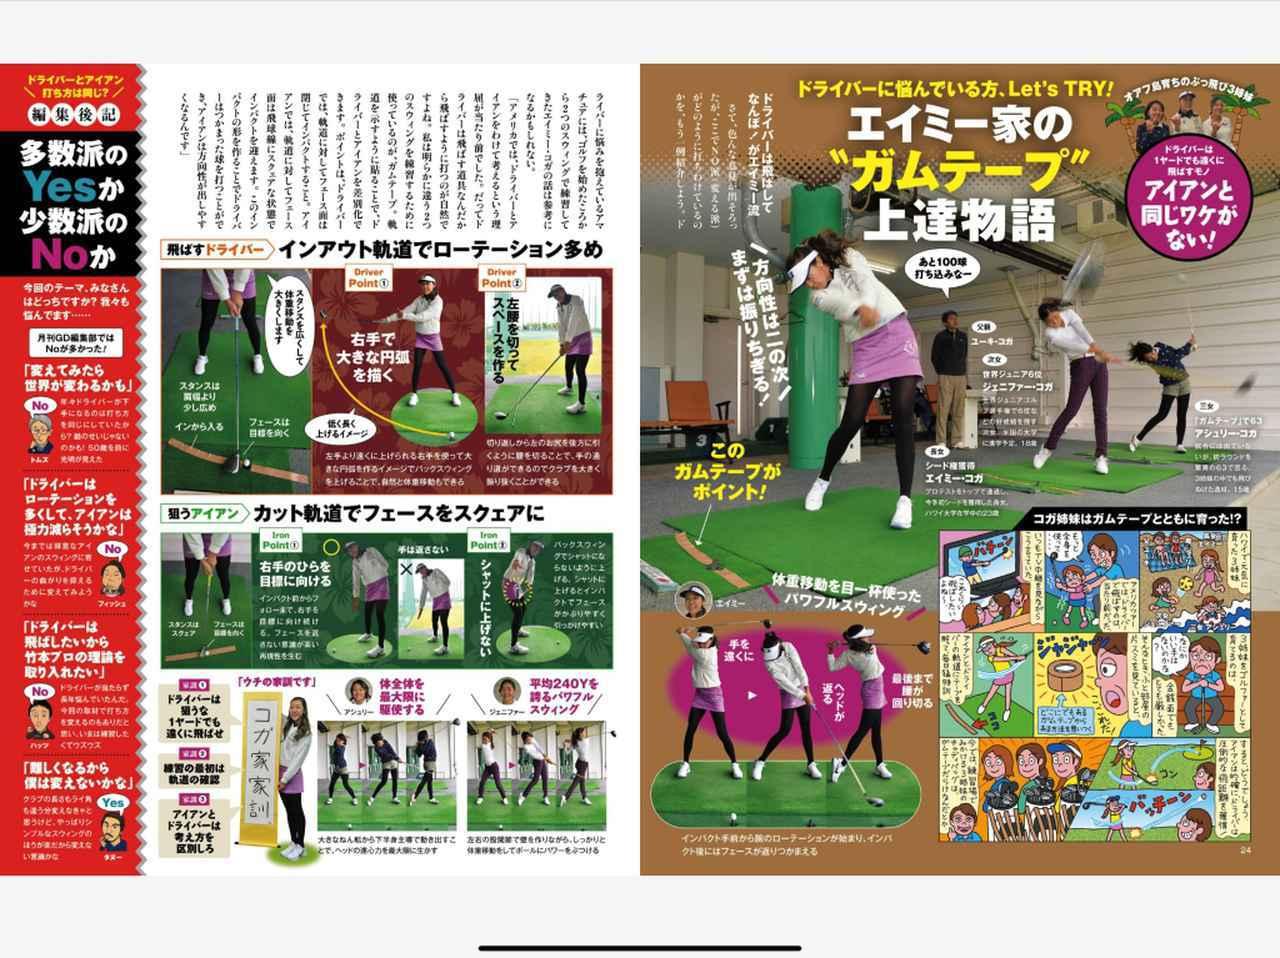 画像: 月刊ゴルフダイジェスト7月号で紹介されていた、エイミー・コガのガムテープを使った練習法を実践してみた